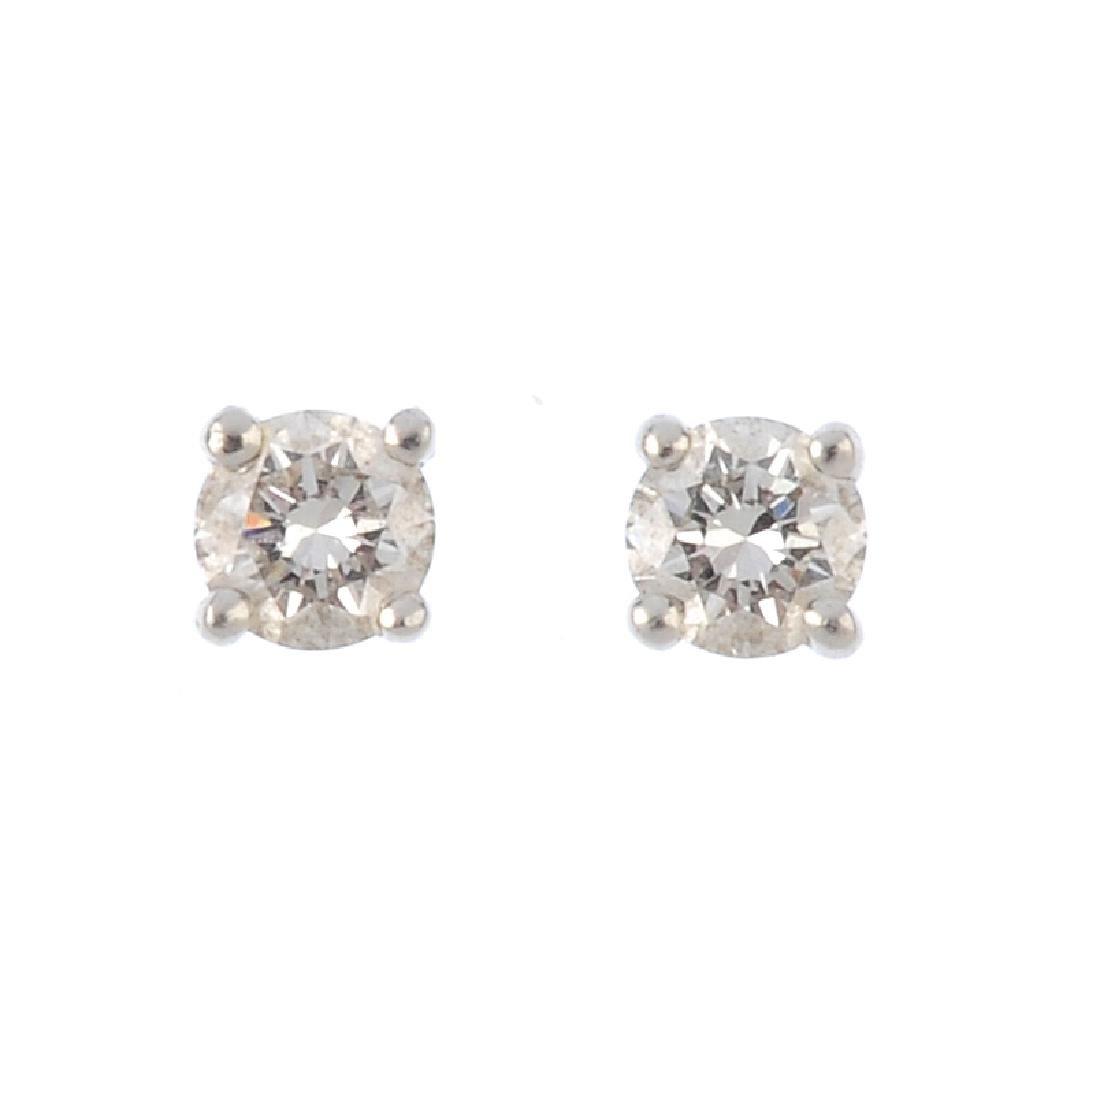 TIFFANY & CO. - pair of platinum diamond stud earrings.